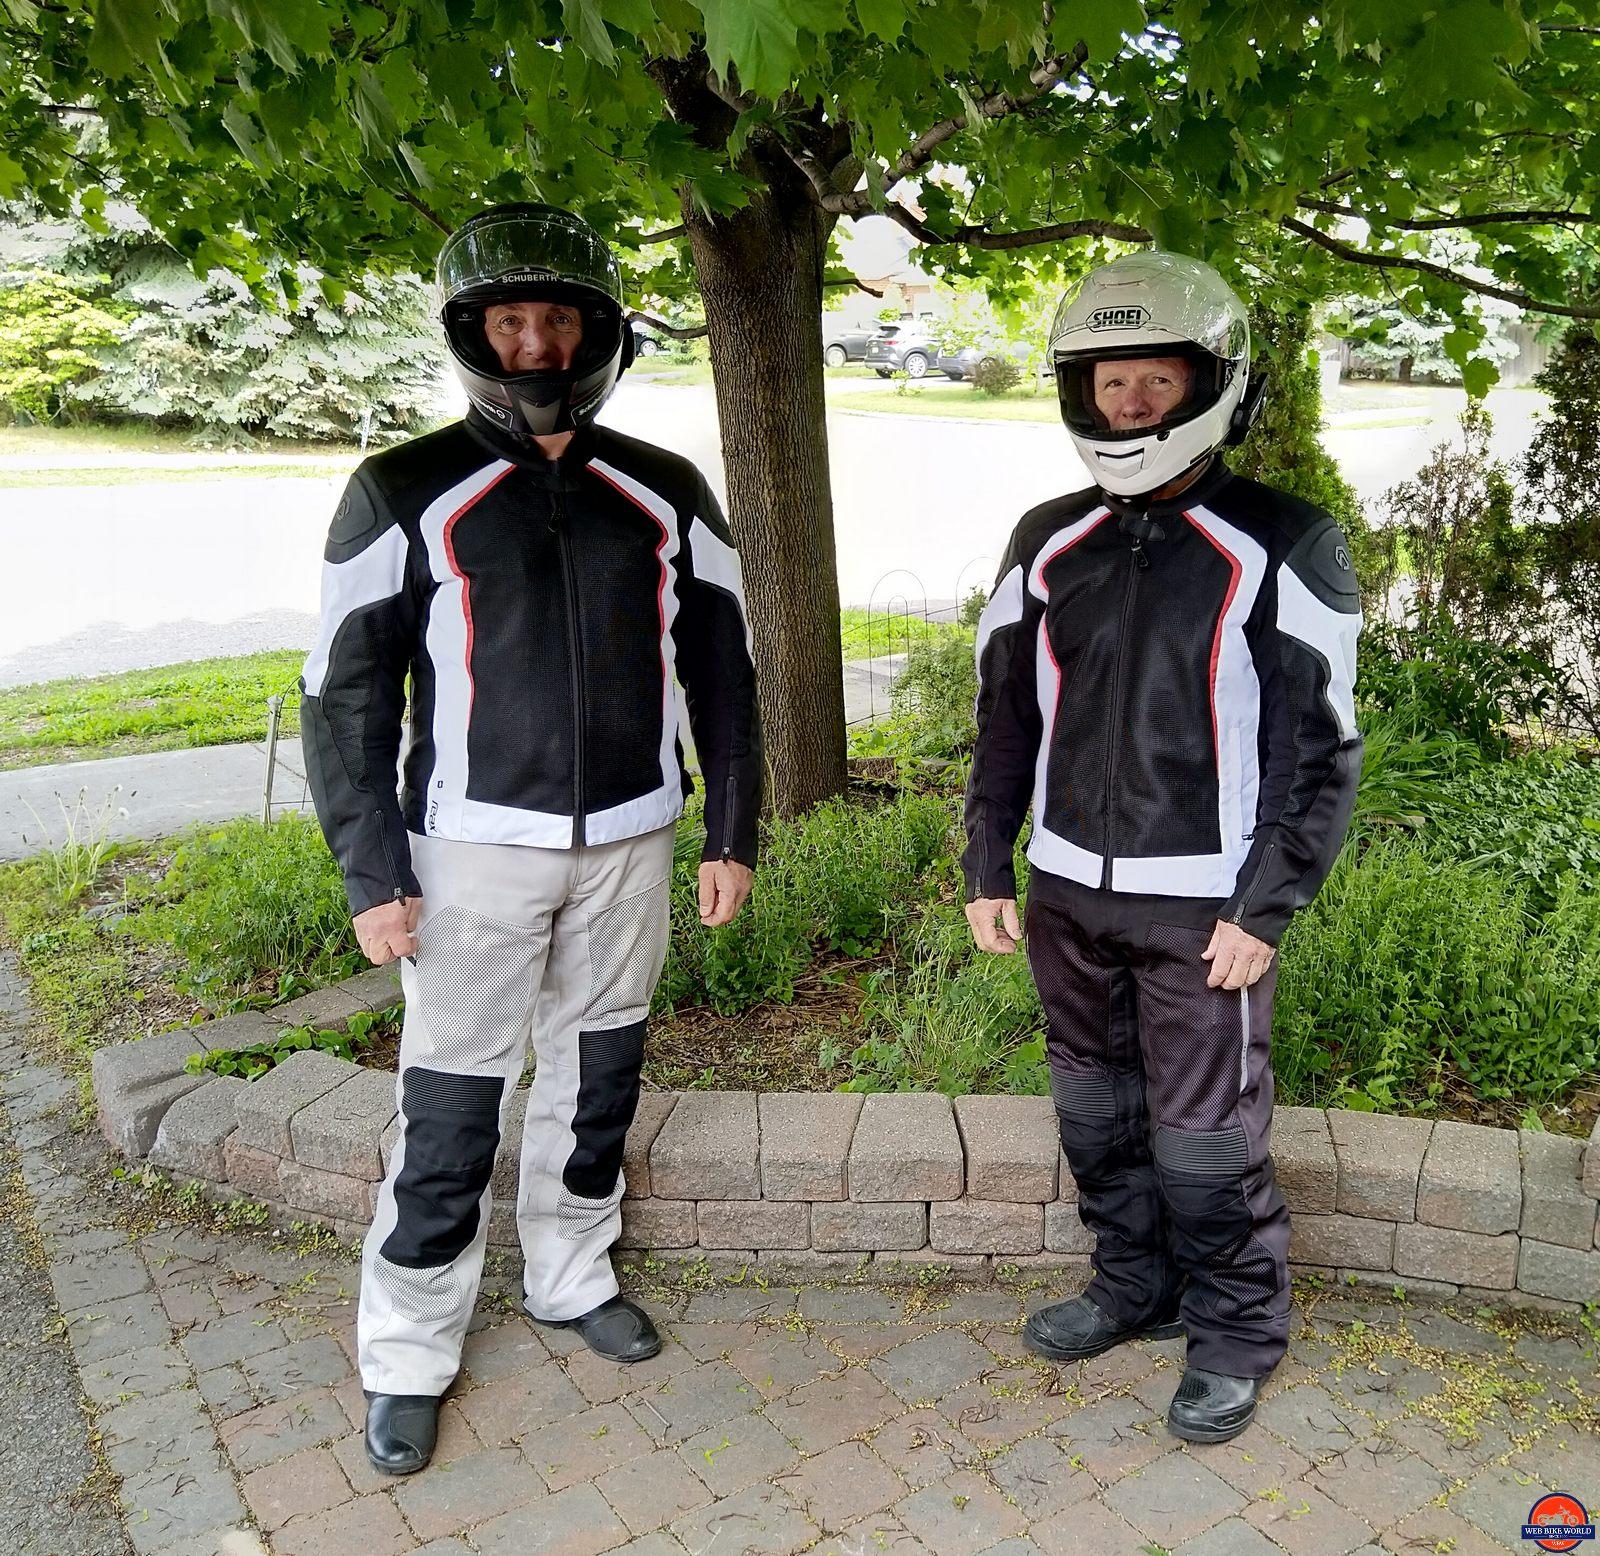 REAX Aprx Pro Mesh Jacket